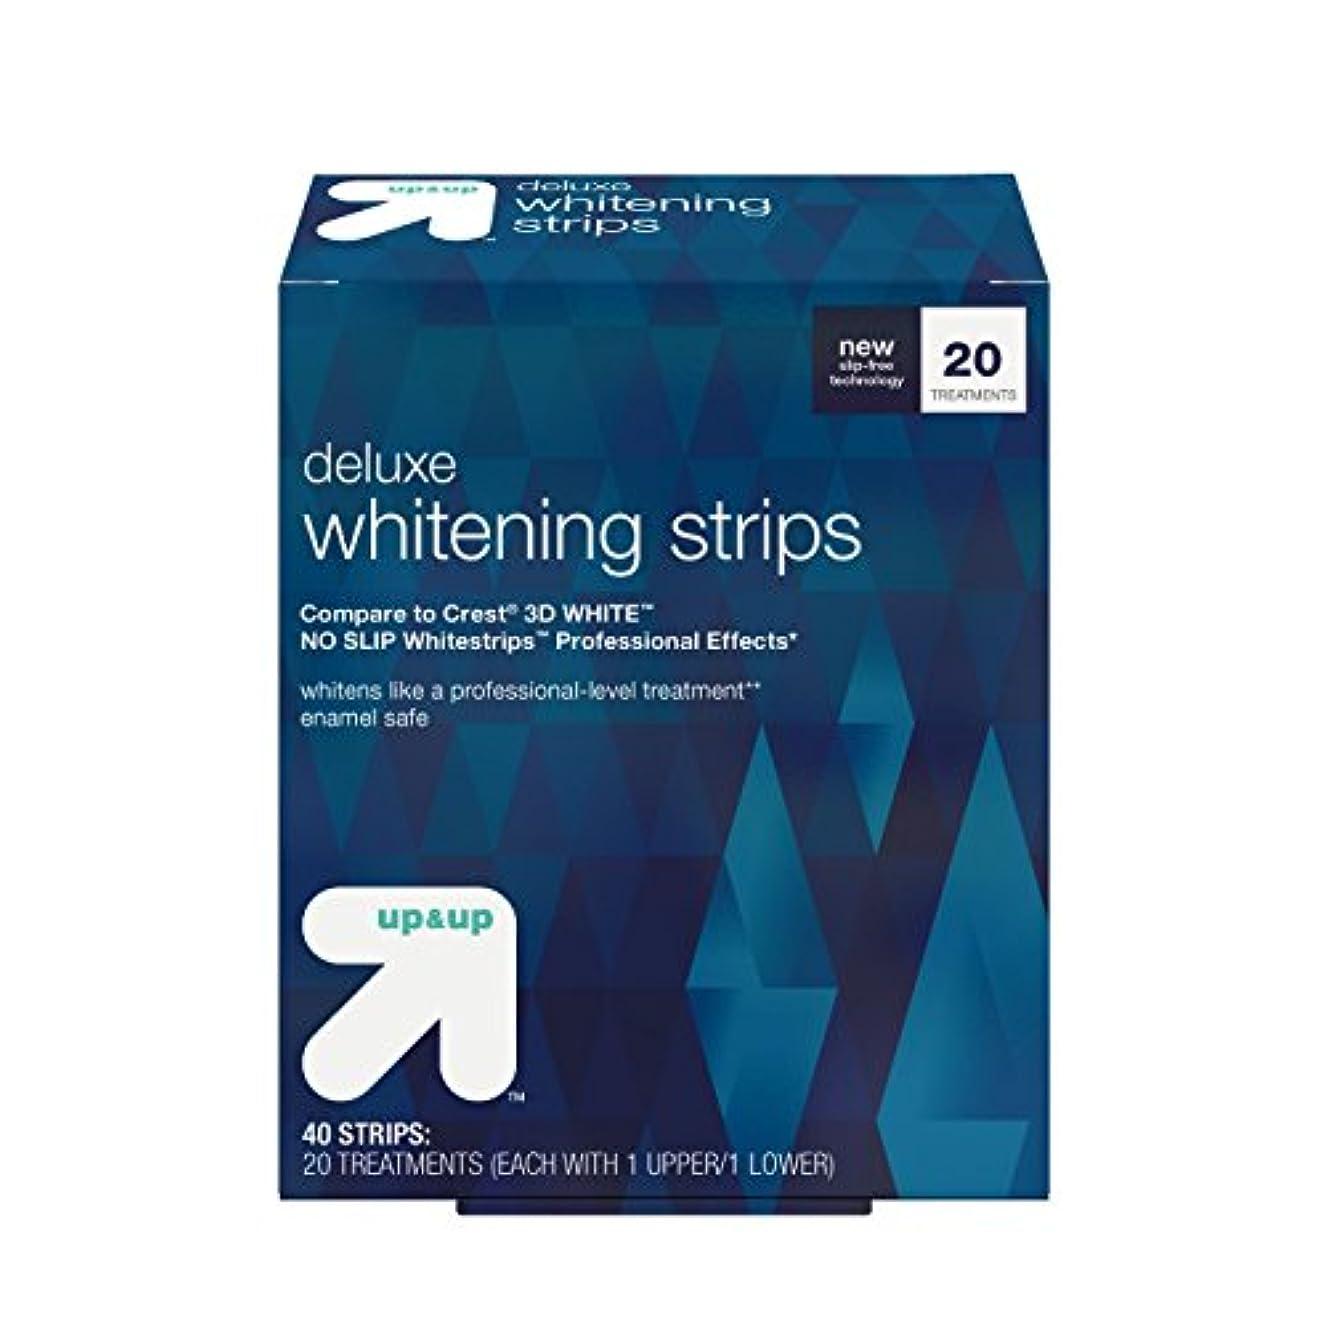 巨人海洋の家デラックスホワイトニングストリップス 20日分 アップ&アップ Deluxe Whitening Strips -20 Day Treatment - up & up